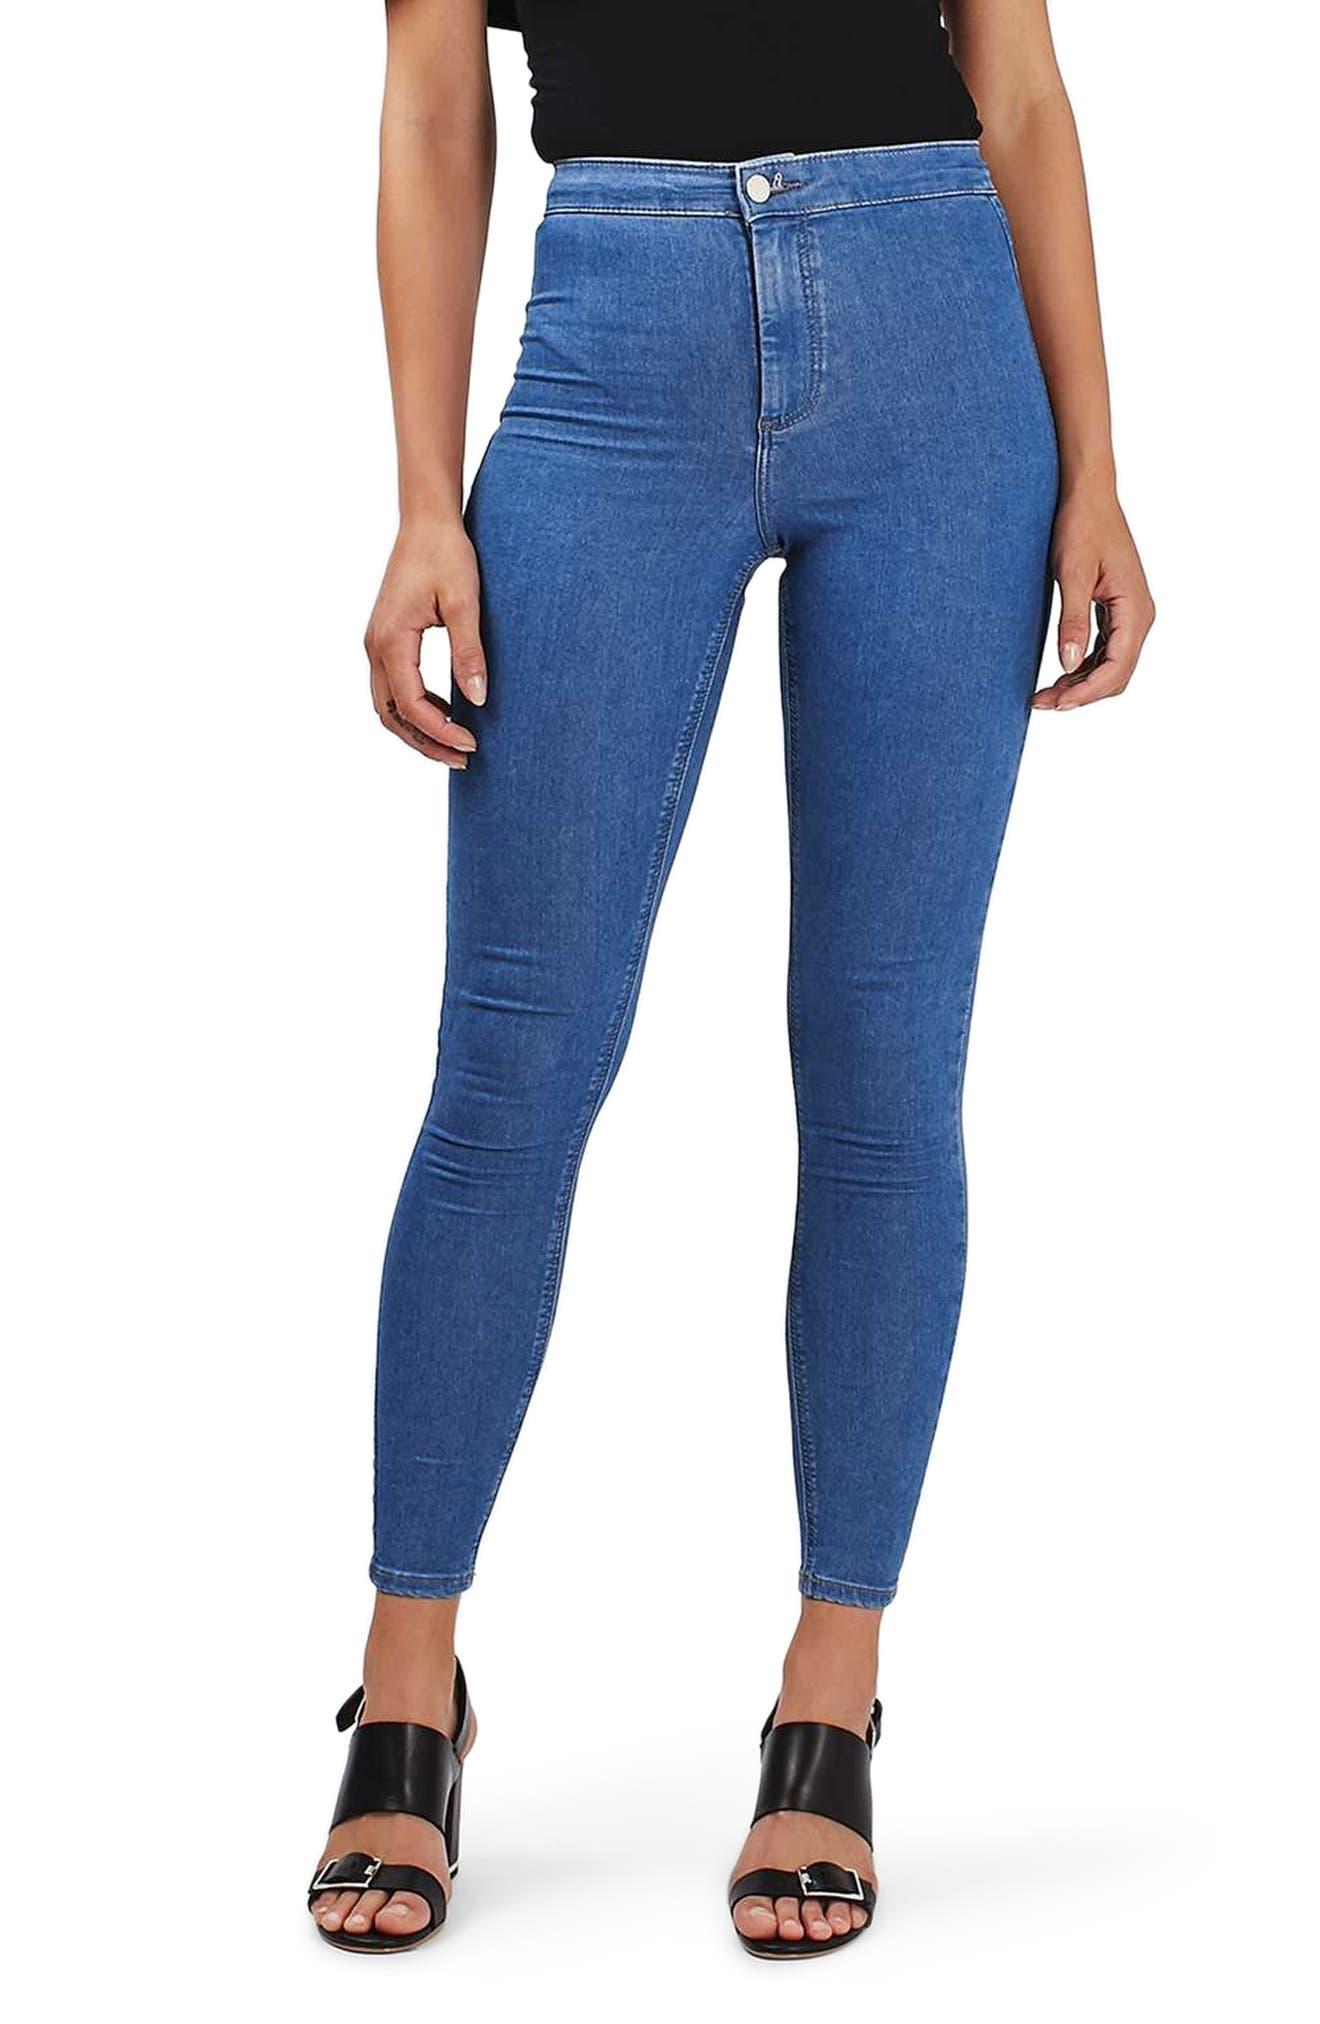 Topshop Joni Skinny Jeans (Tall)